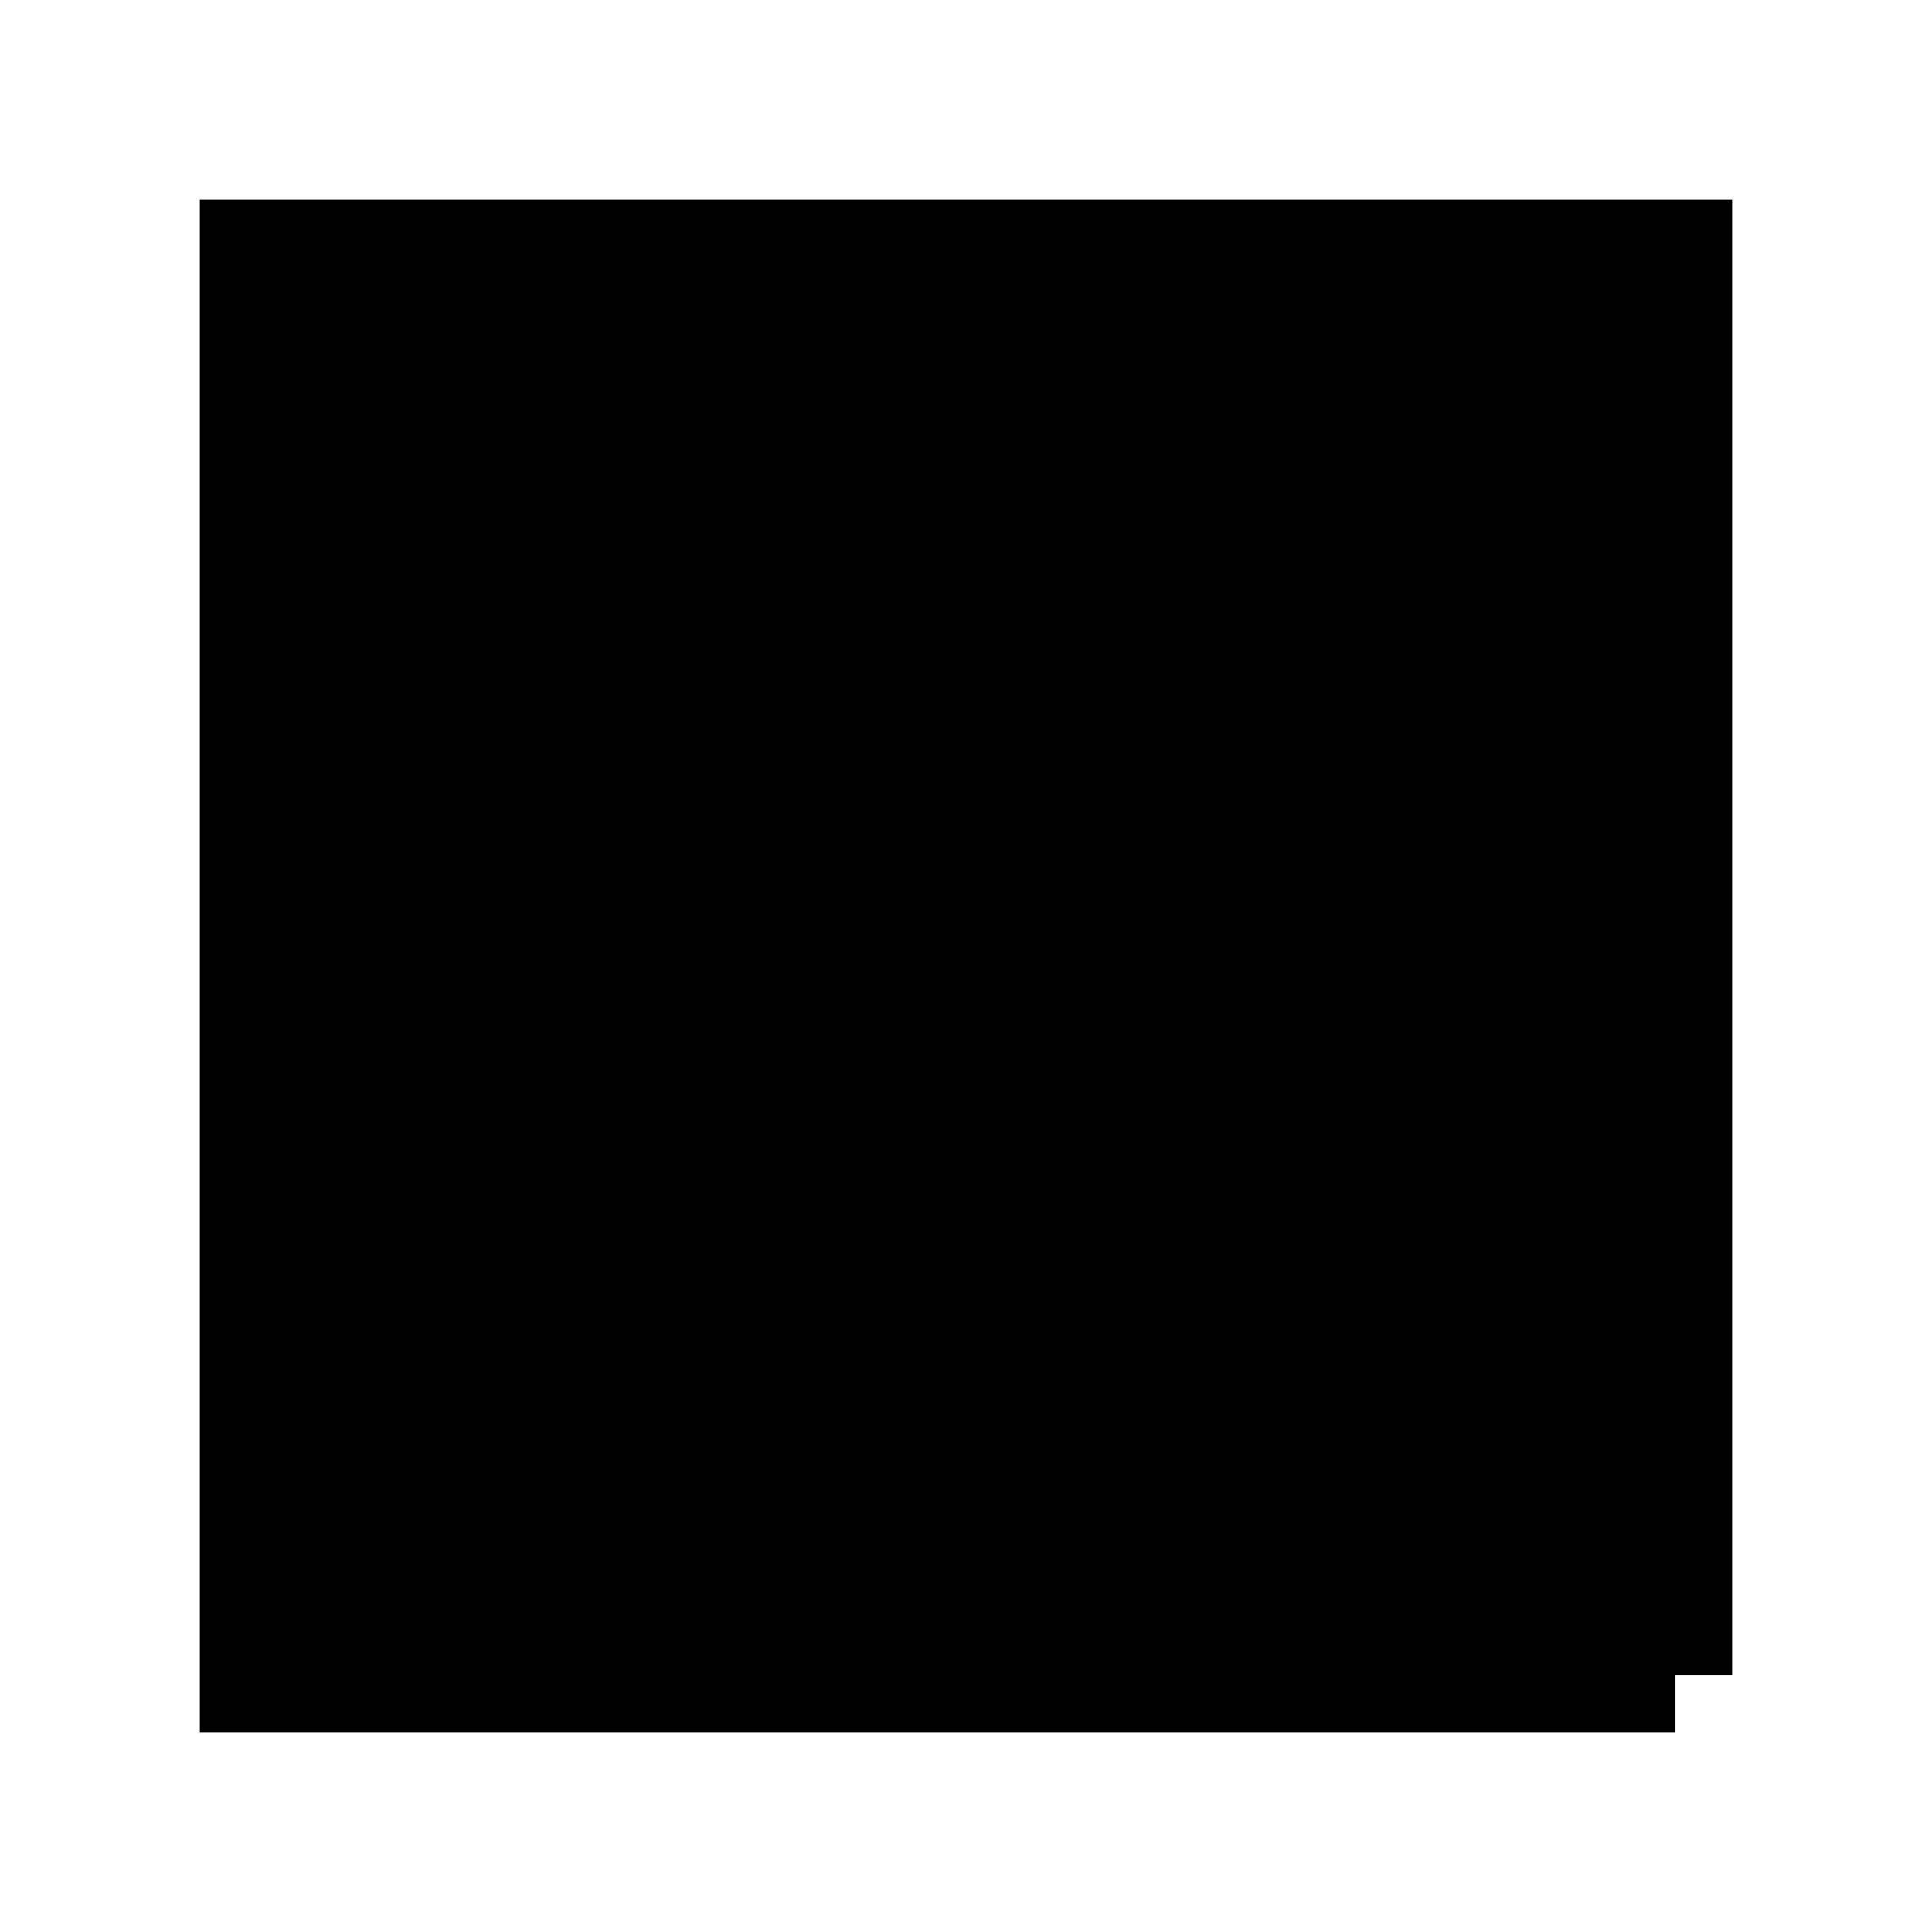 Das Logo des Deutschen Medienkongress.